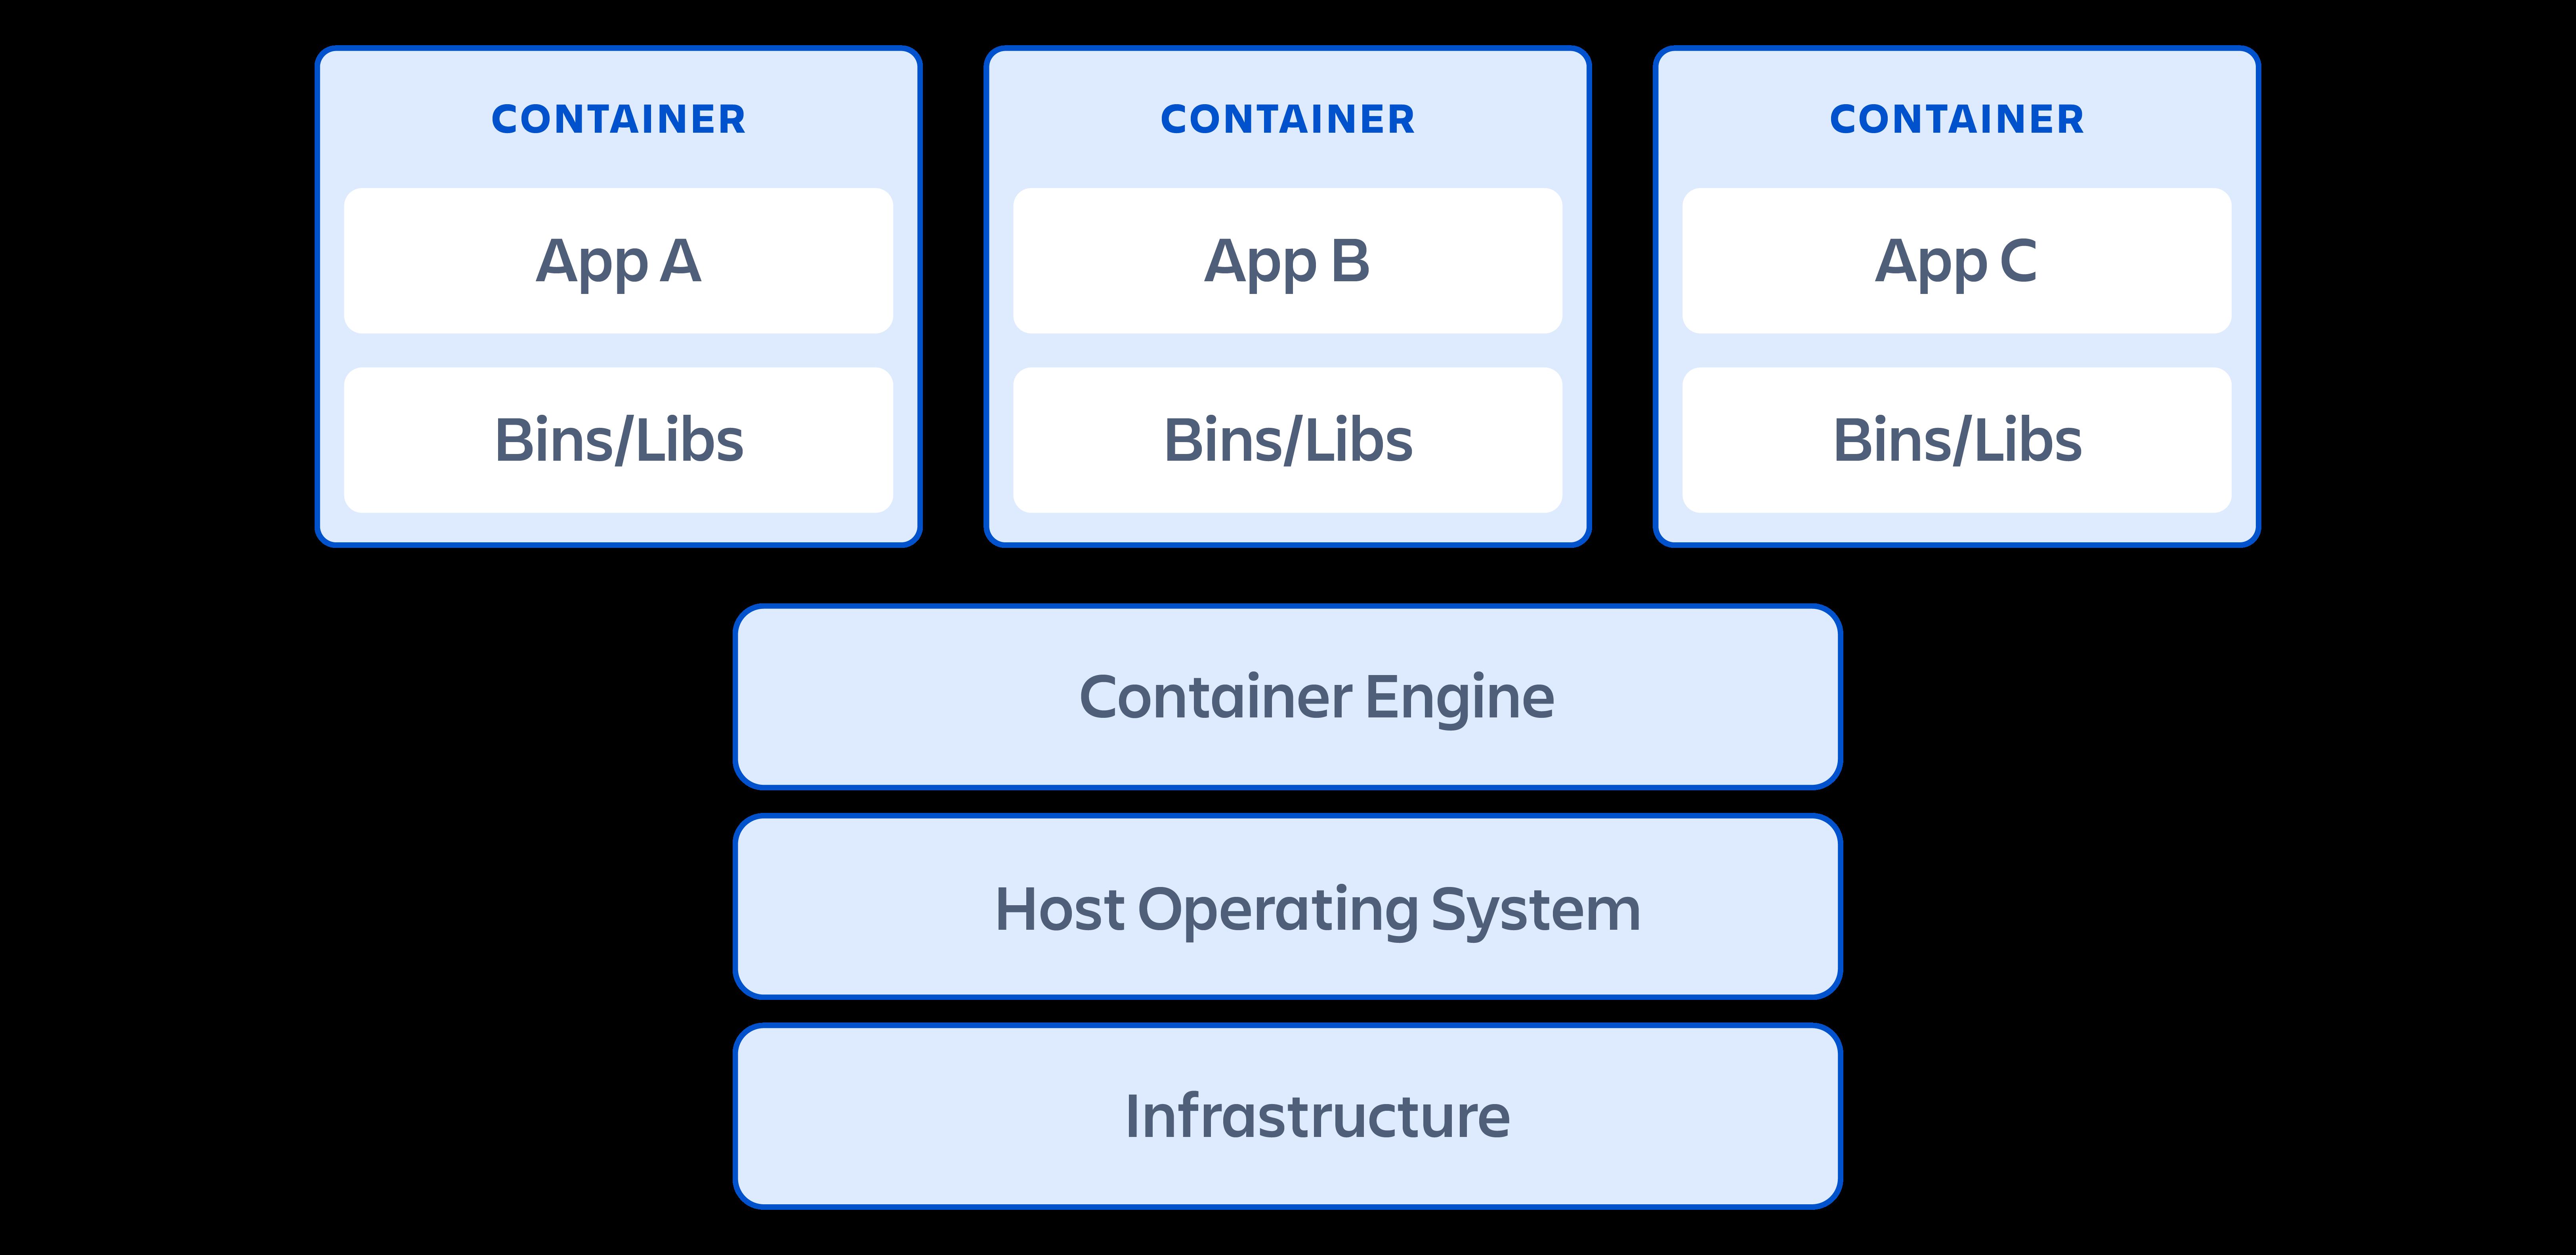 Un diagrama que muestra cómo se estructuran los contenedores